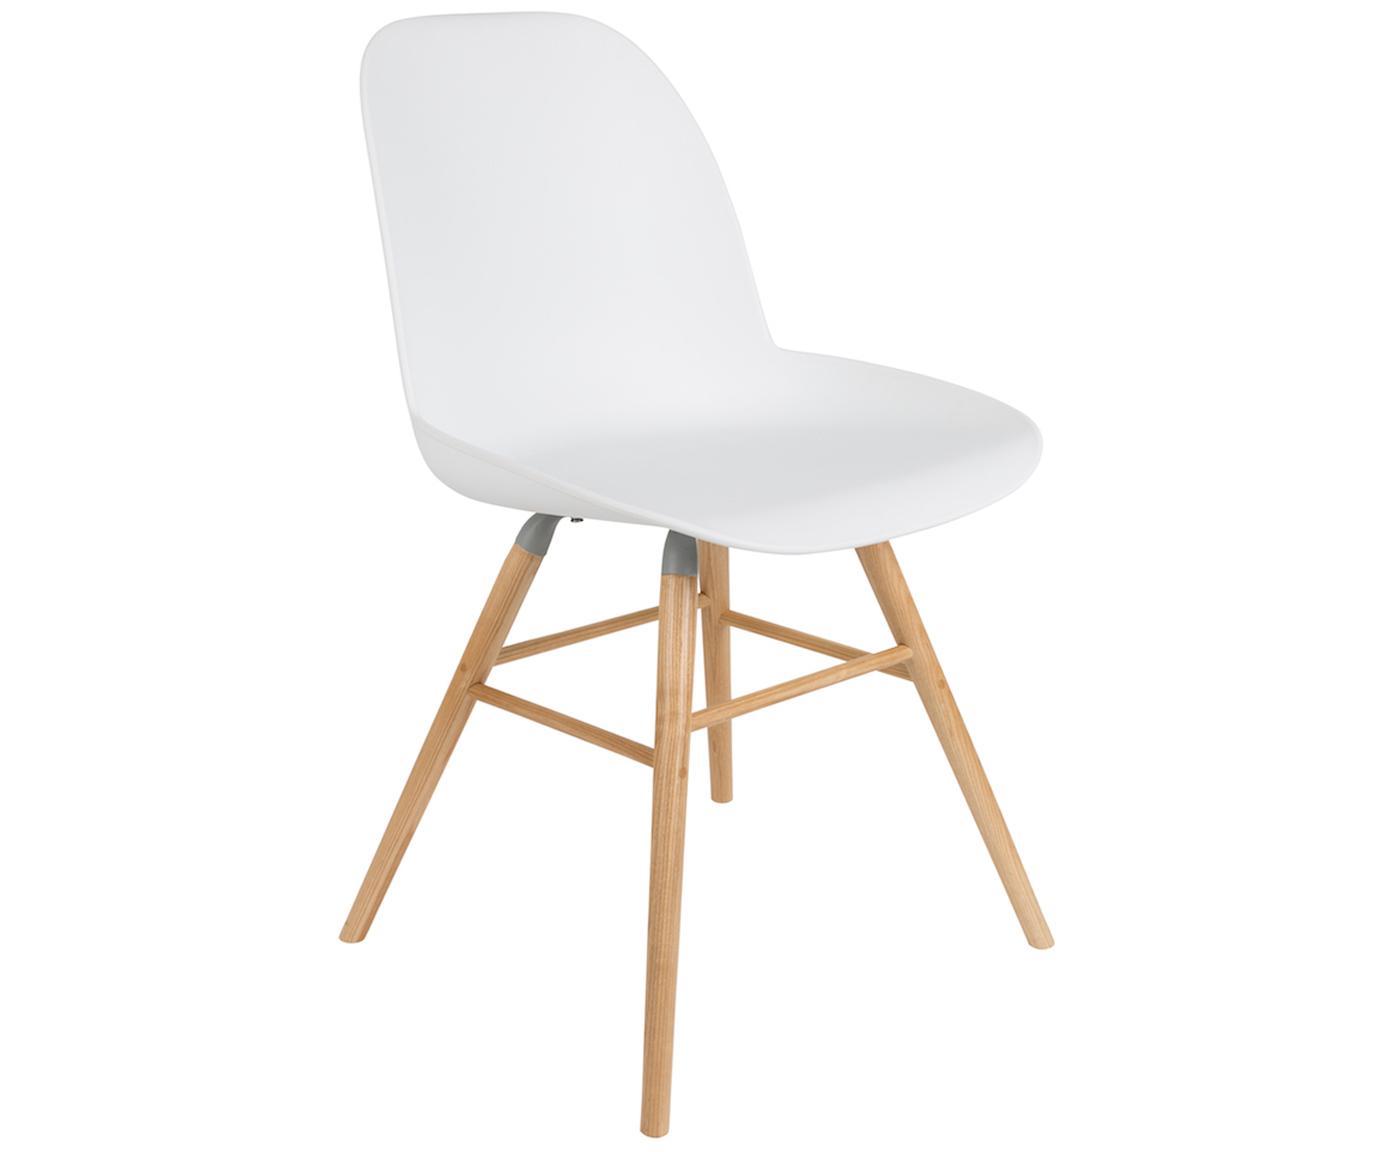 Kunststoffstuhl Albert Kuip mit Holzbeinen, Sitzfläche: 100% Polypropylen, Füße: Eschenholz, Weiß, B 49 x T 55 cm